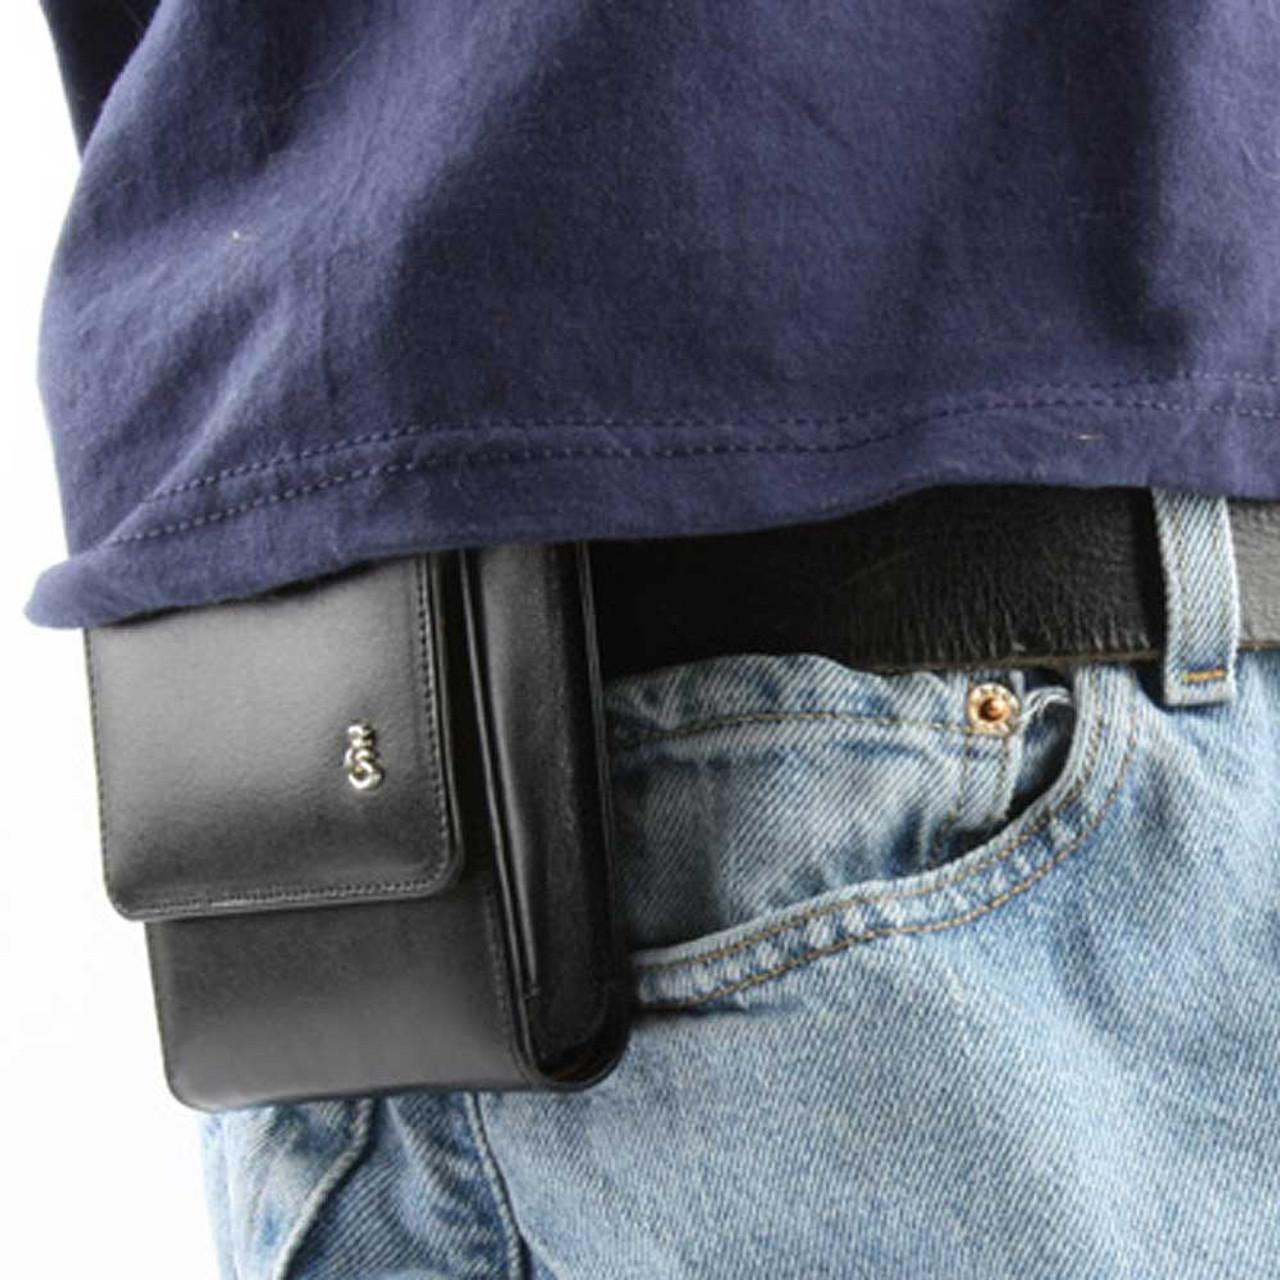 Taurus Spectrum Sneaky Pete Holster (Belt Clip)